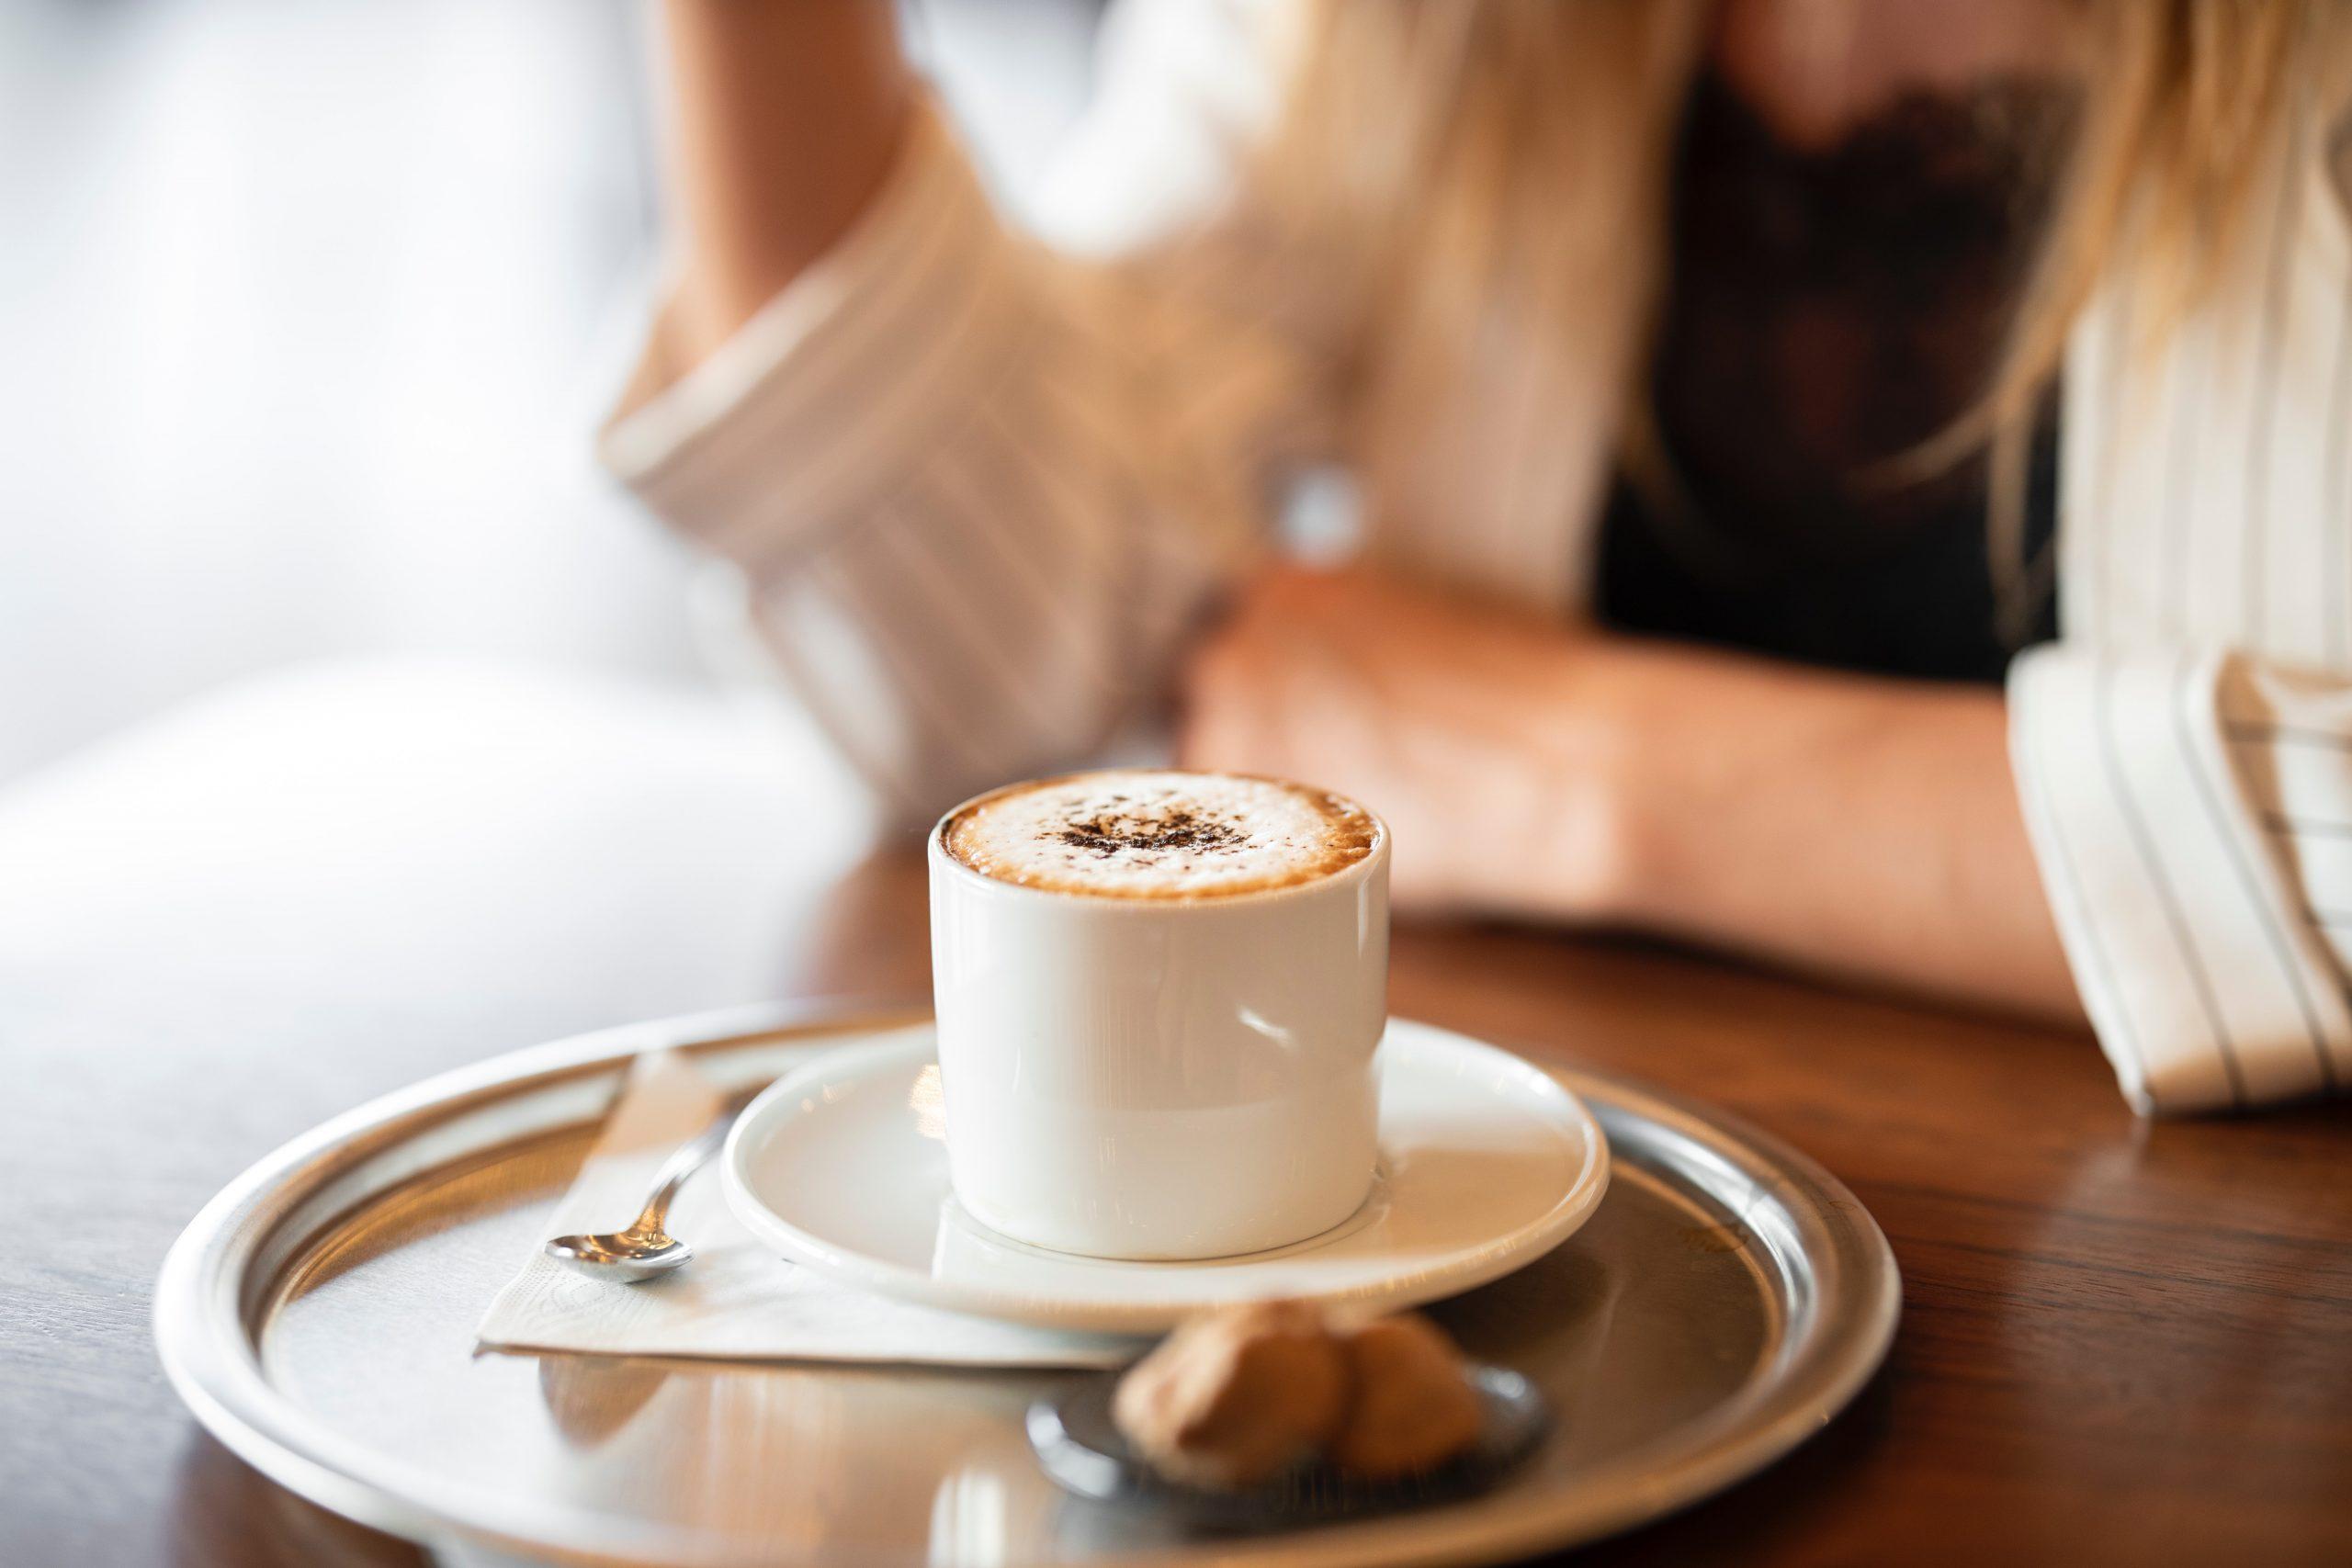 Na foto uma xícara de café em cima de uma mesa com uma mulher ao fundo.